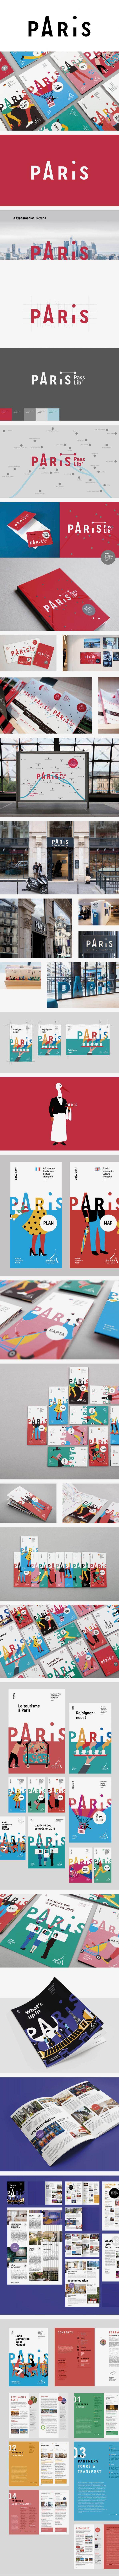 More corporate-designs are collected on: https://pinterest.com/rothenhaeusler/best-of-corporate-design/ · Agency: Grapheine (Paris) · Client: L'Office du Tourisme et des Congrès de Paris · Source: htt